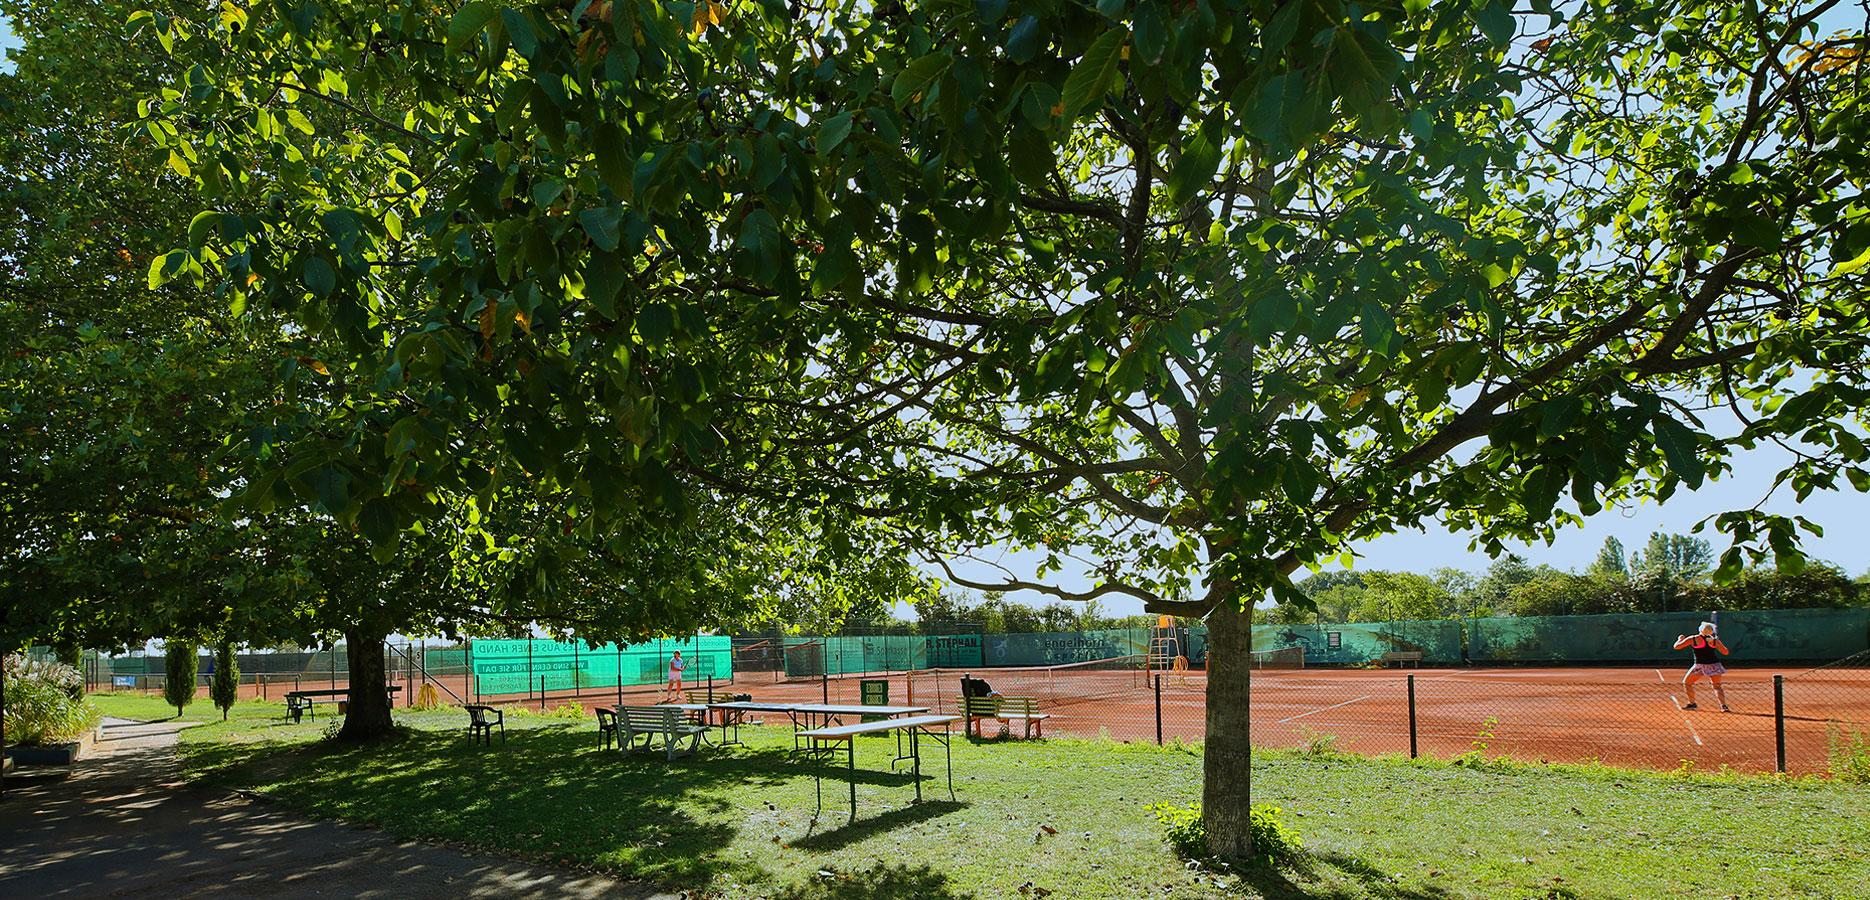 ennisclub-oppau-tennis-in-ludwigshafen-news